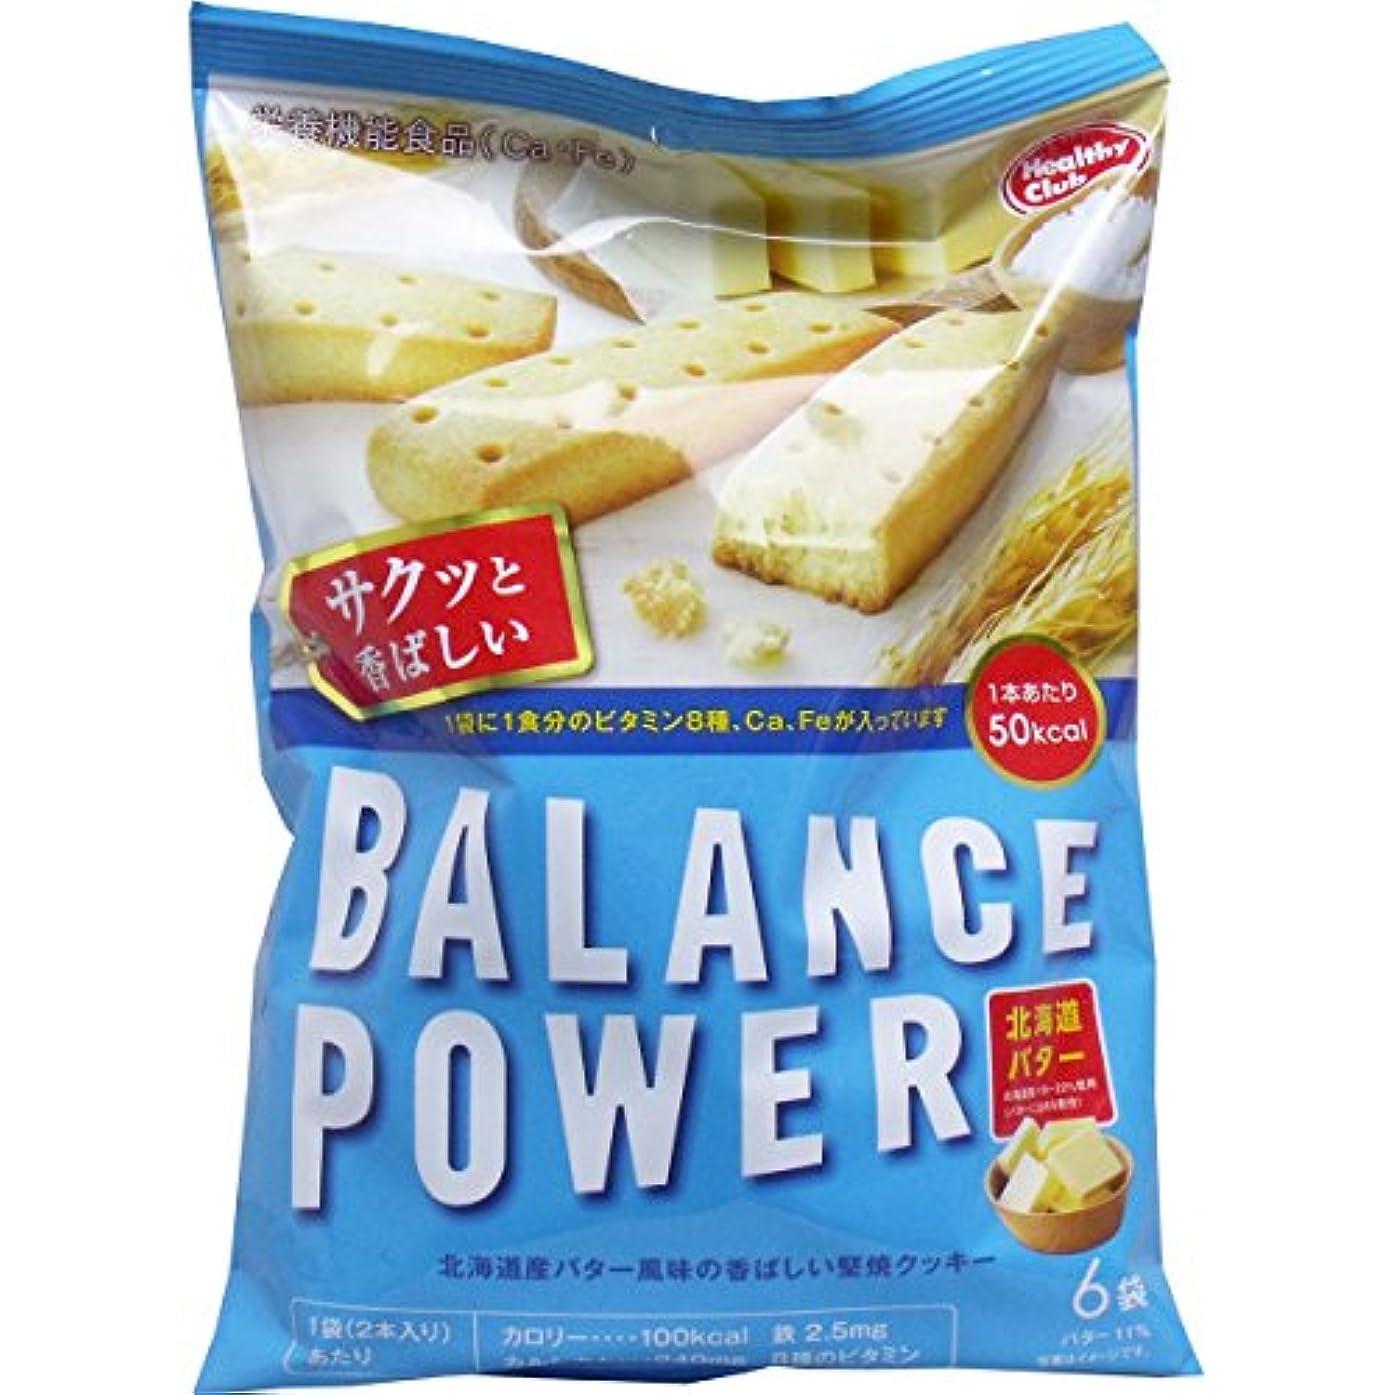 先生娘信頼できるバランスパワー 北海道バター味 6袋(12本)入